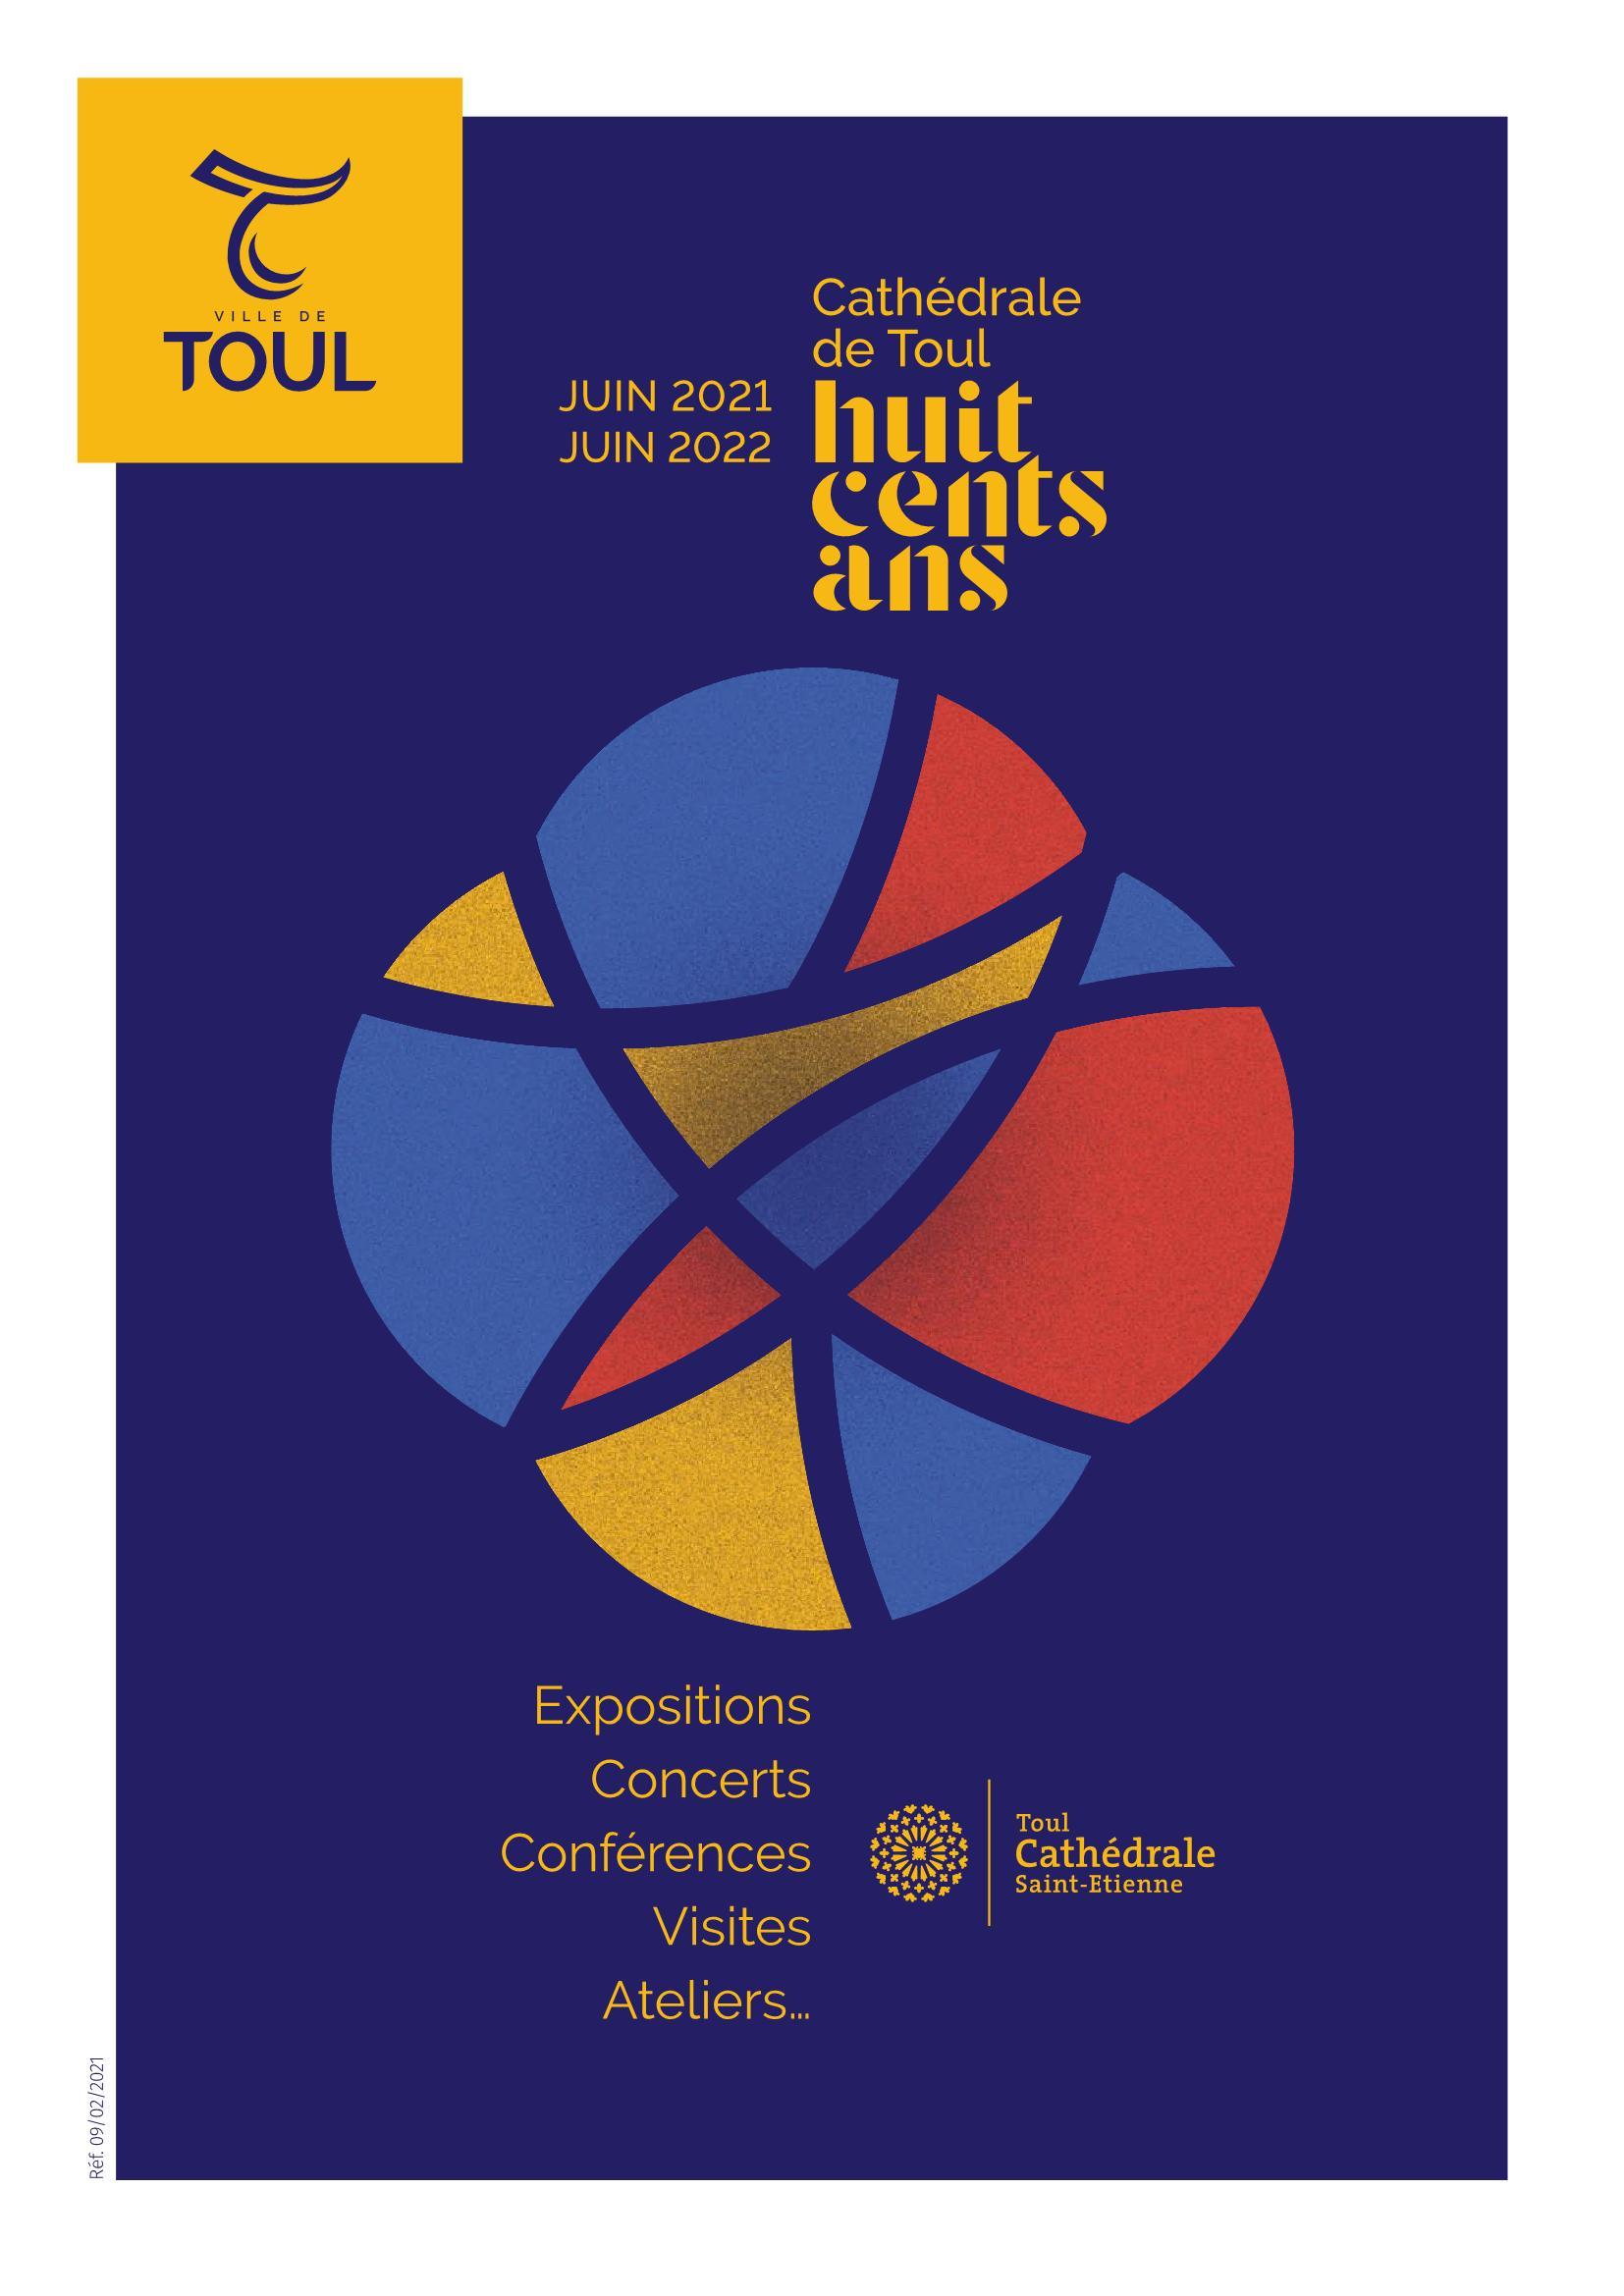 800 Ans Cathédrale de Toul 2021 Expositions Concerts Conférences Visites Atelieres